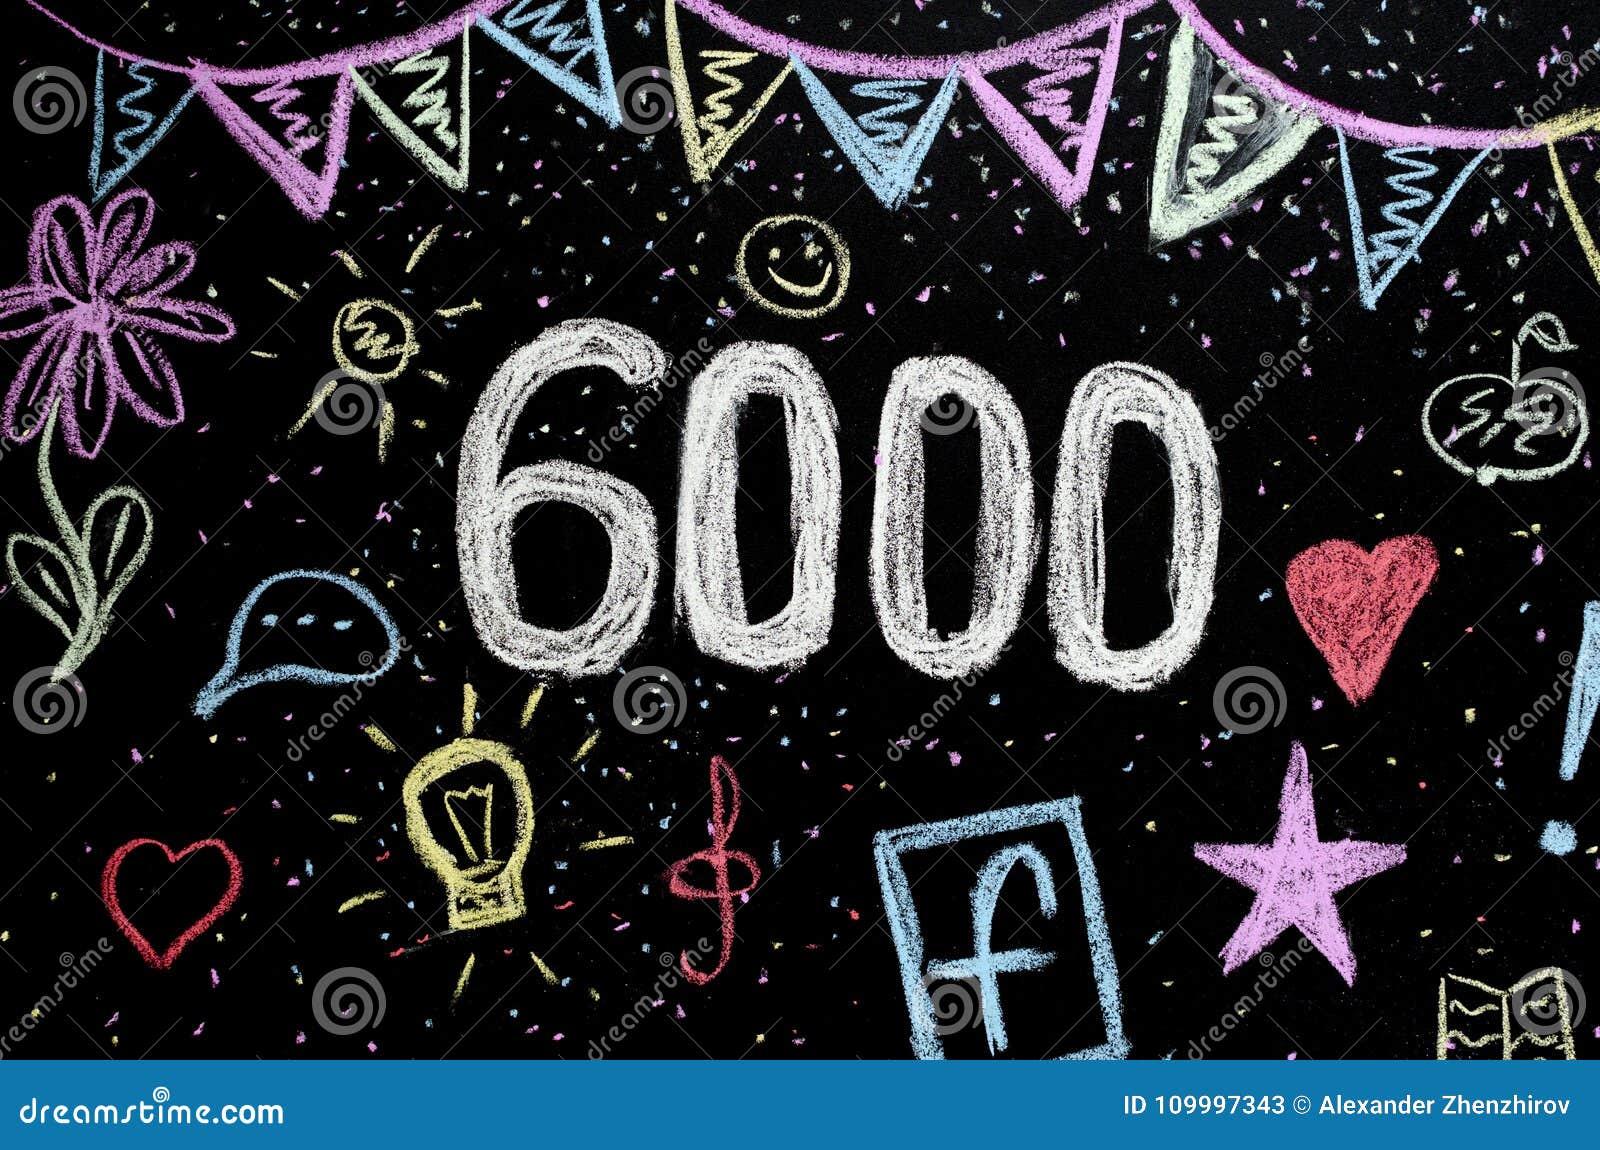 6 000在黑板的粉笔画